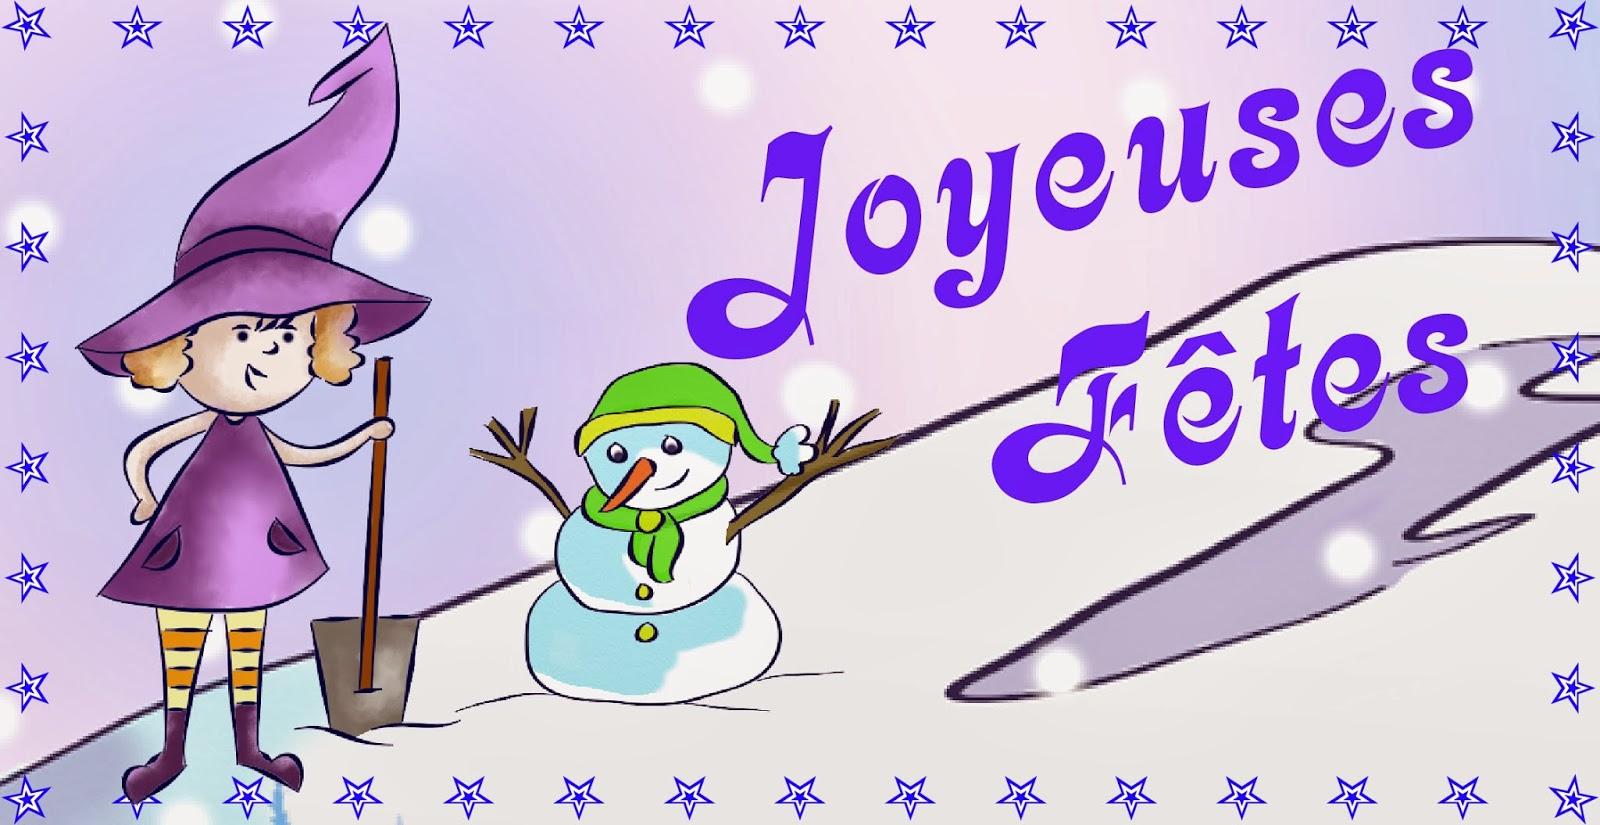 Marvelous Dessine Moi Un Bonhomme De Neige #4: Banni%25C3%25A8re+joyeuses+fetes.jpg